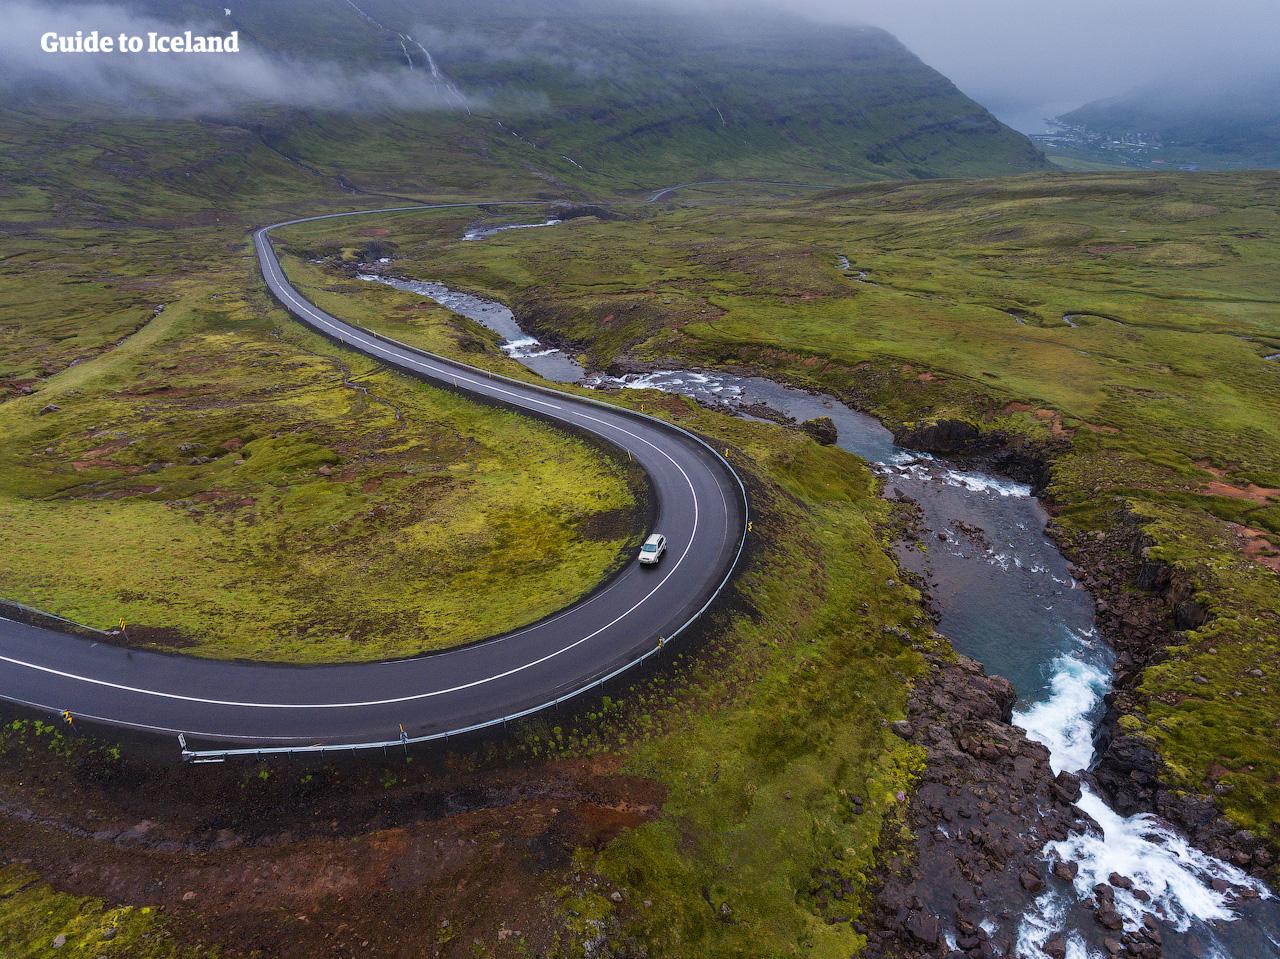 Tipps für Mietwagenfahrer in Island